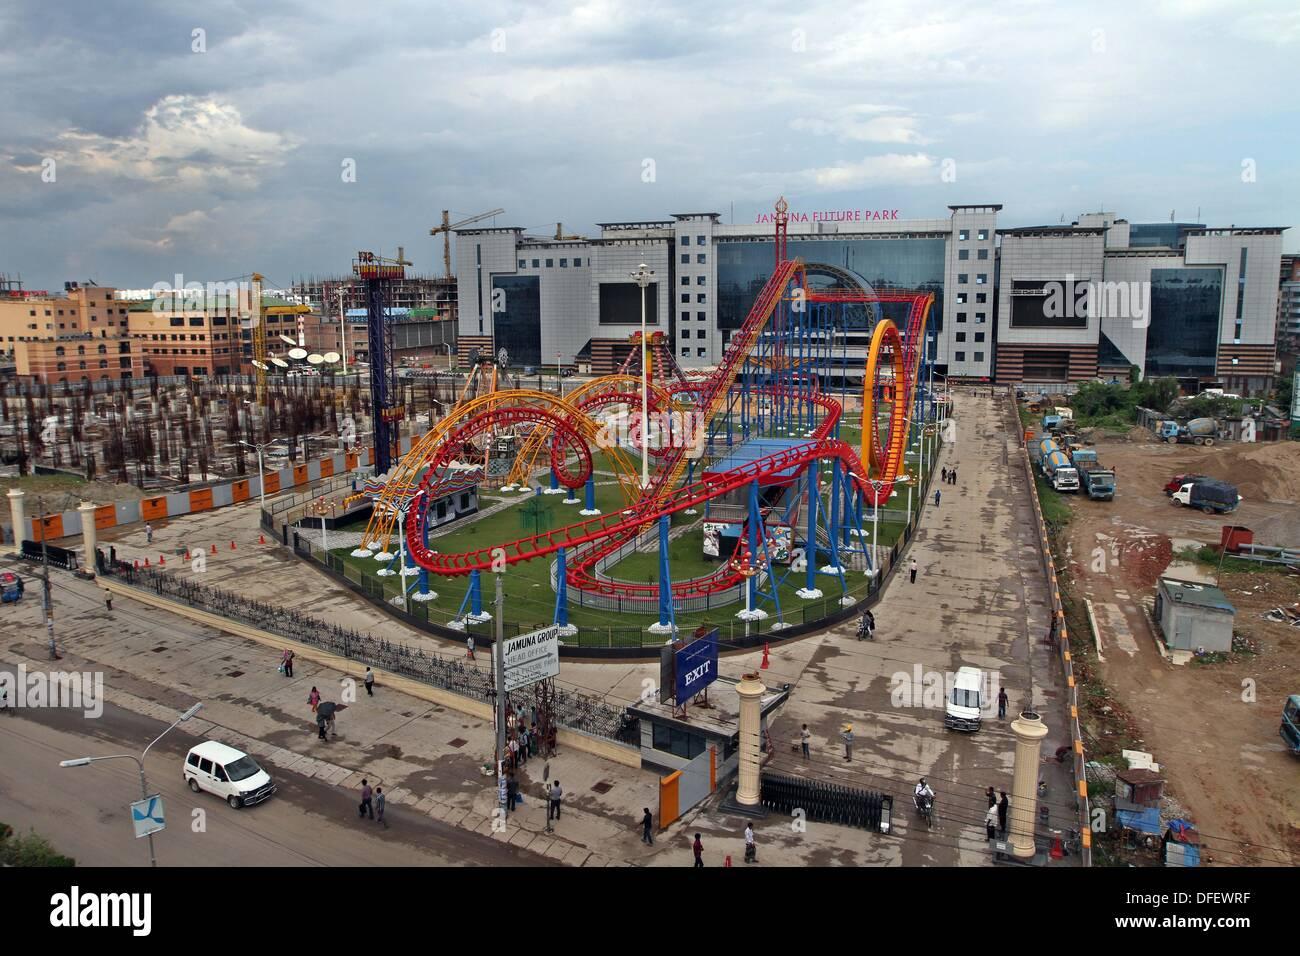 Dhaka, Bangladesh. 03 Oct, 2013. . Futuro Jamuna Park, el mayor centro comercial y de ocio de Asia y la tercera más grande del mundo. Esta es también la12th centro comercial más grande del mundo, con una superficie bruta alquilable de 4,1 millones de metros cuadrados y una superficie total de 5,45 millones de metros cuadrados. Foto de stock